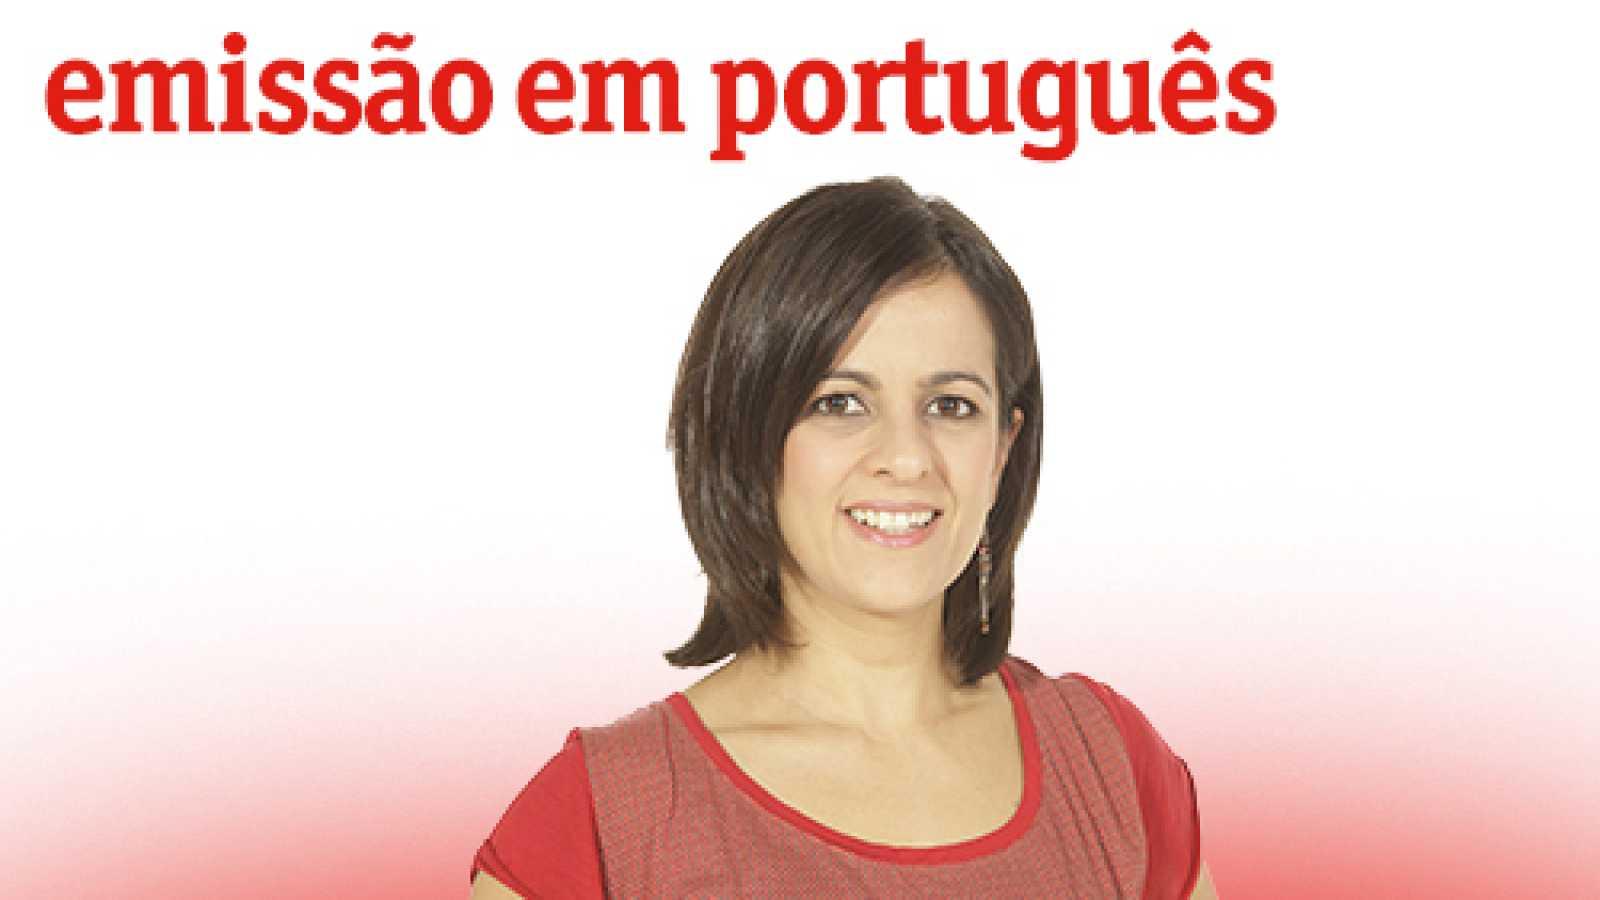 Emissão em português - Falantes de português relatam desafios da comunicação - 05/10/20 - escuchar ahora